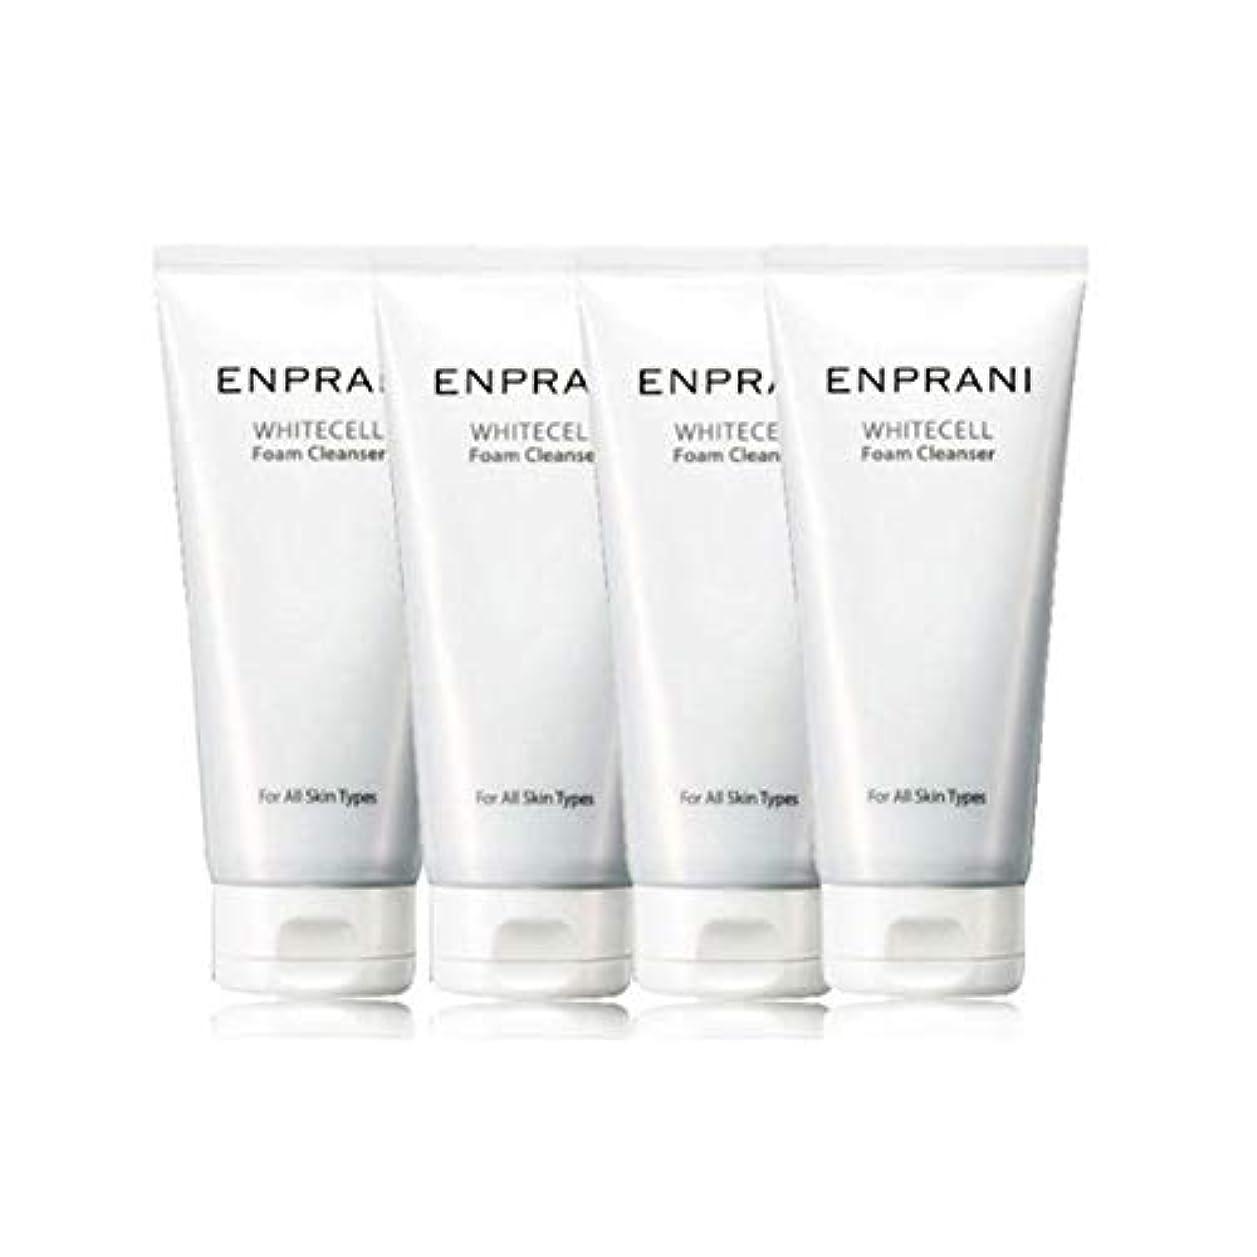 ハンサム安いです文言エンプラニホワイトセル、フォームクレンザー100mlx 4本セット毛穴洗浄 皮膚管理、Enprani White Cell Foam Cleanser 100mlx 4ea Set Pore Cleaning Skin...